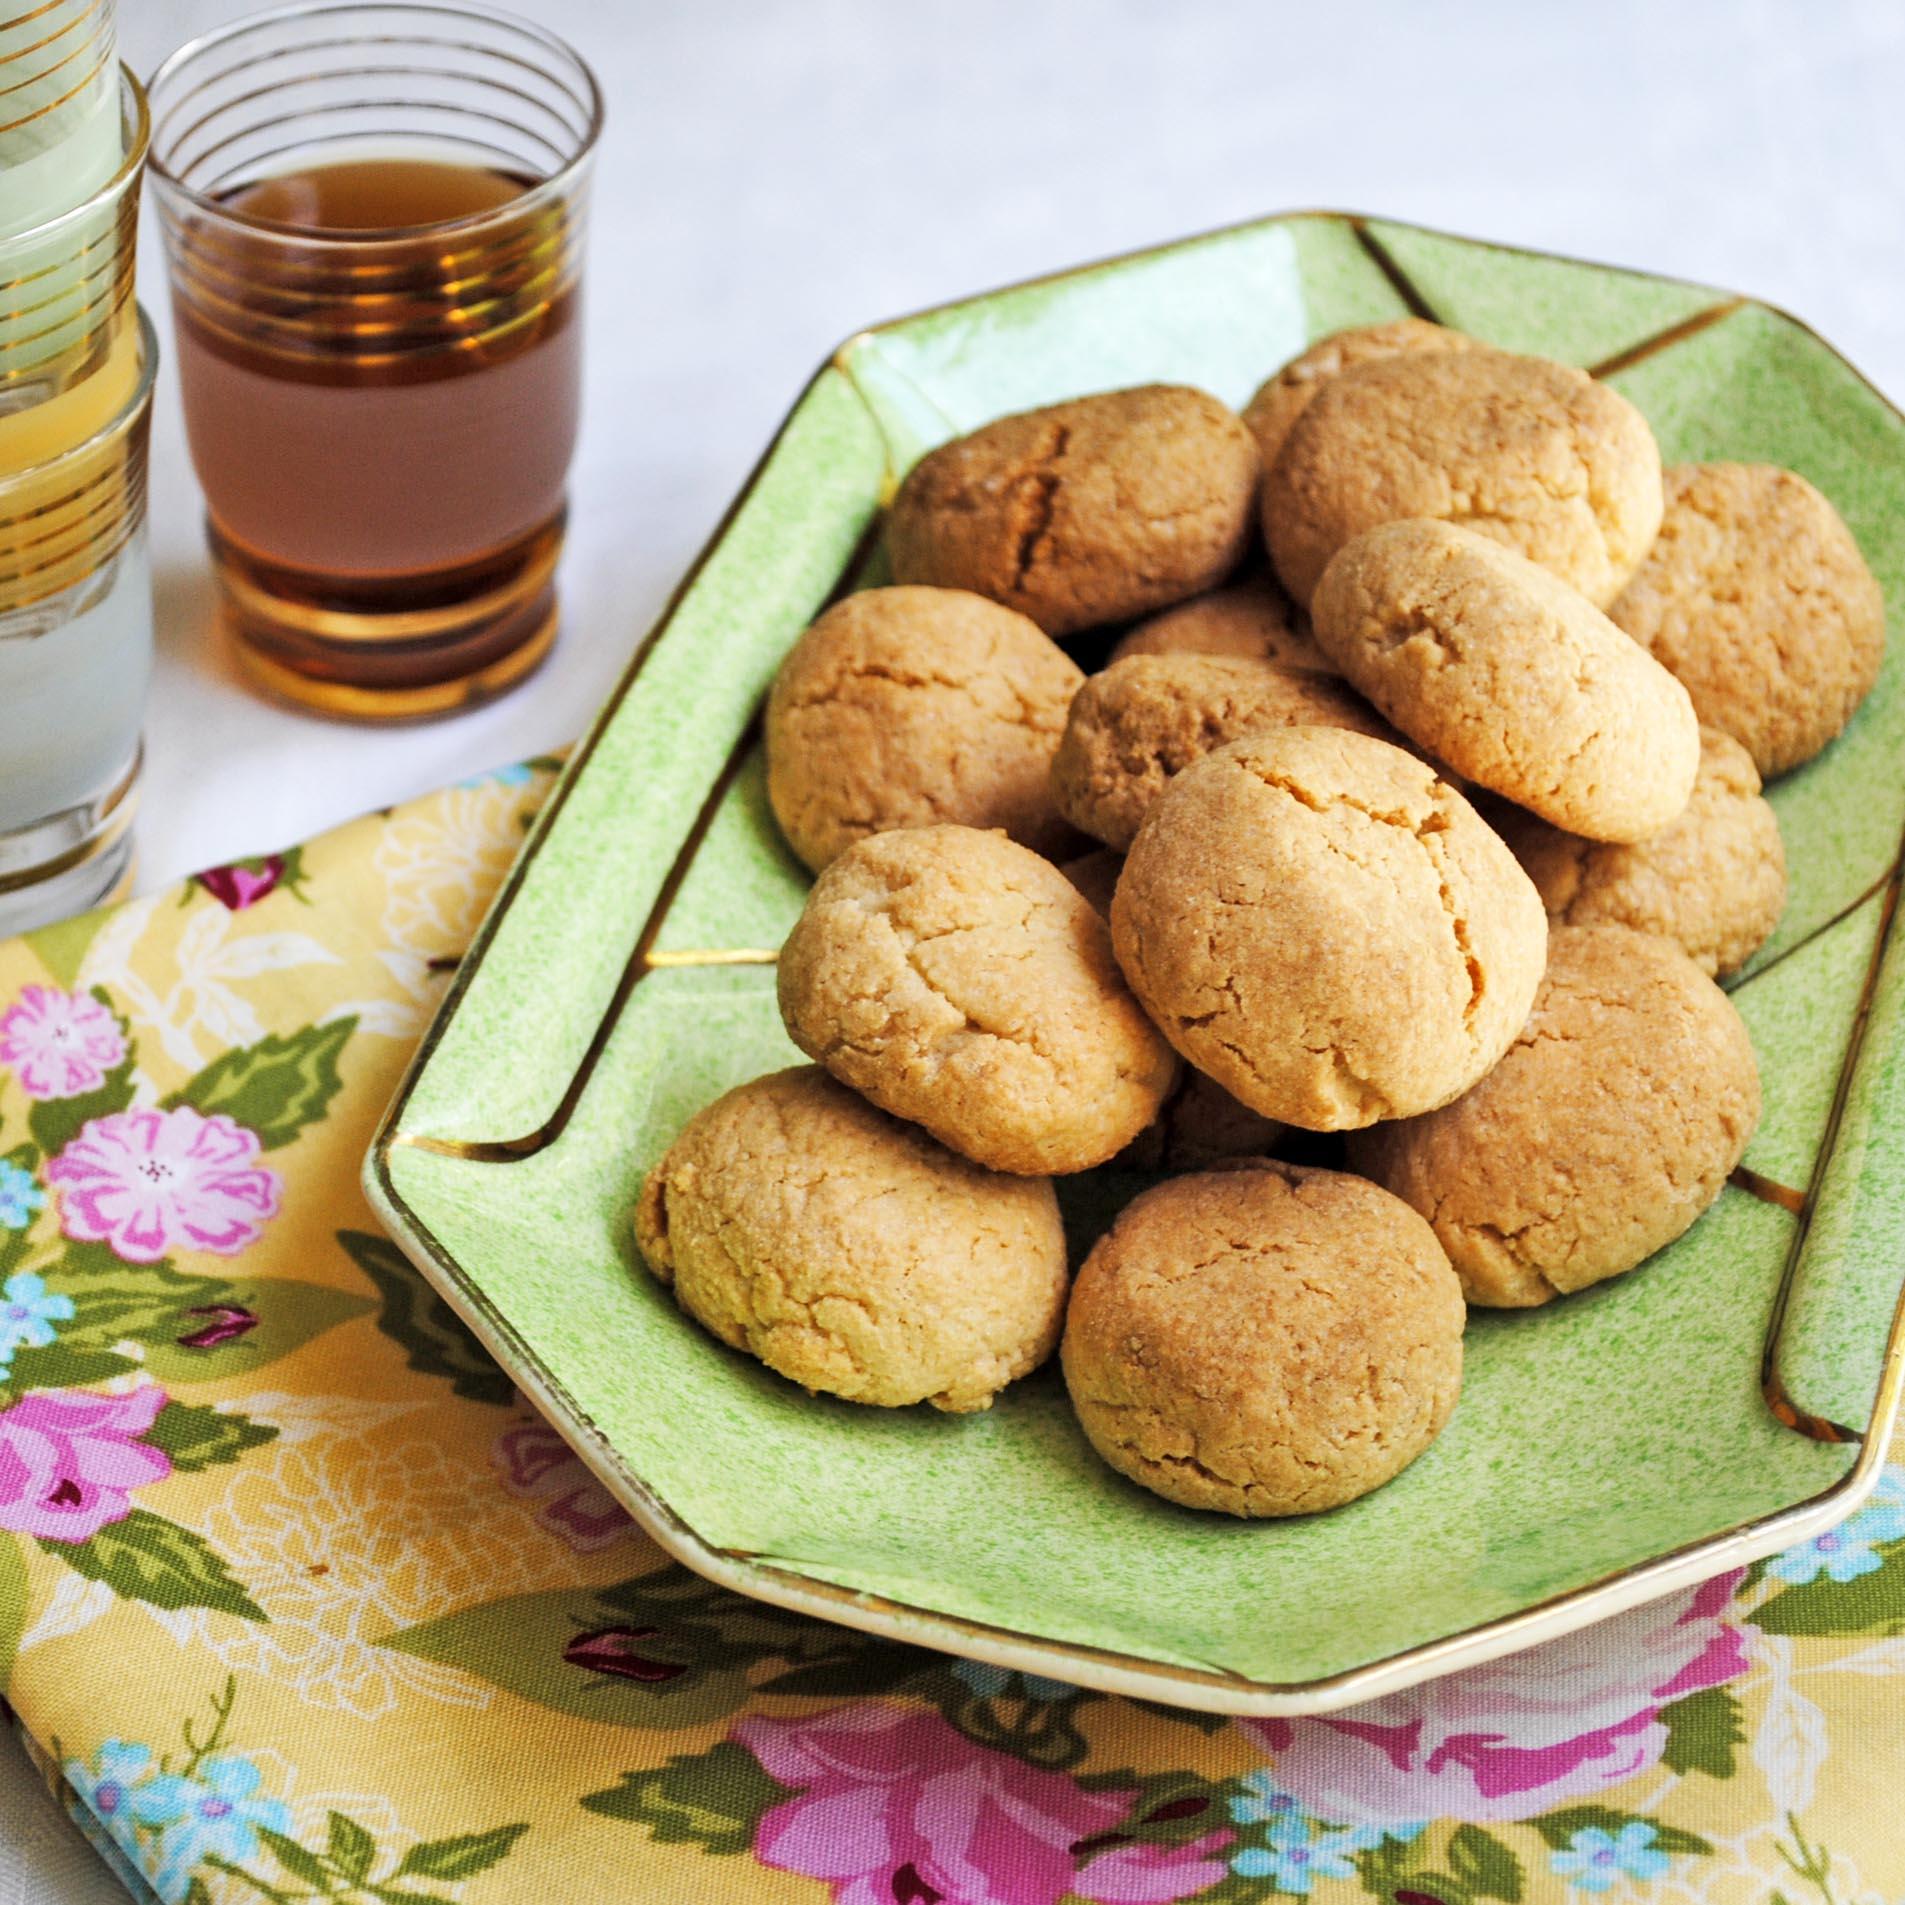 Amaretti – the simplest of biscotti